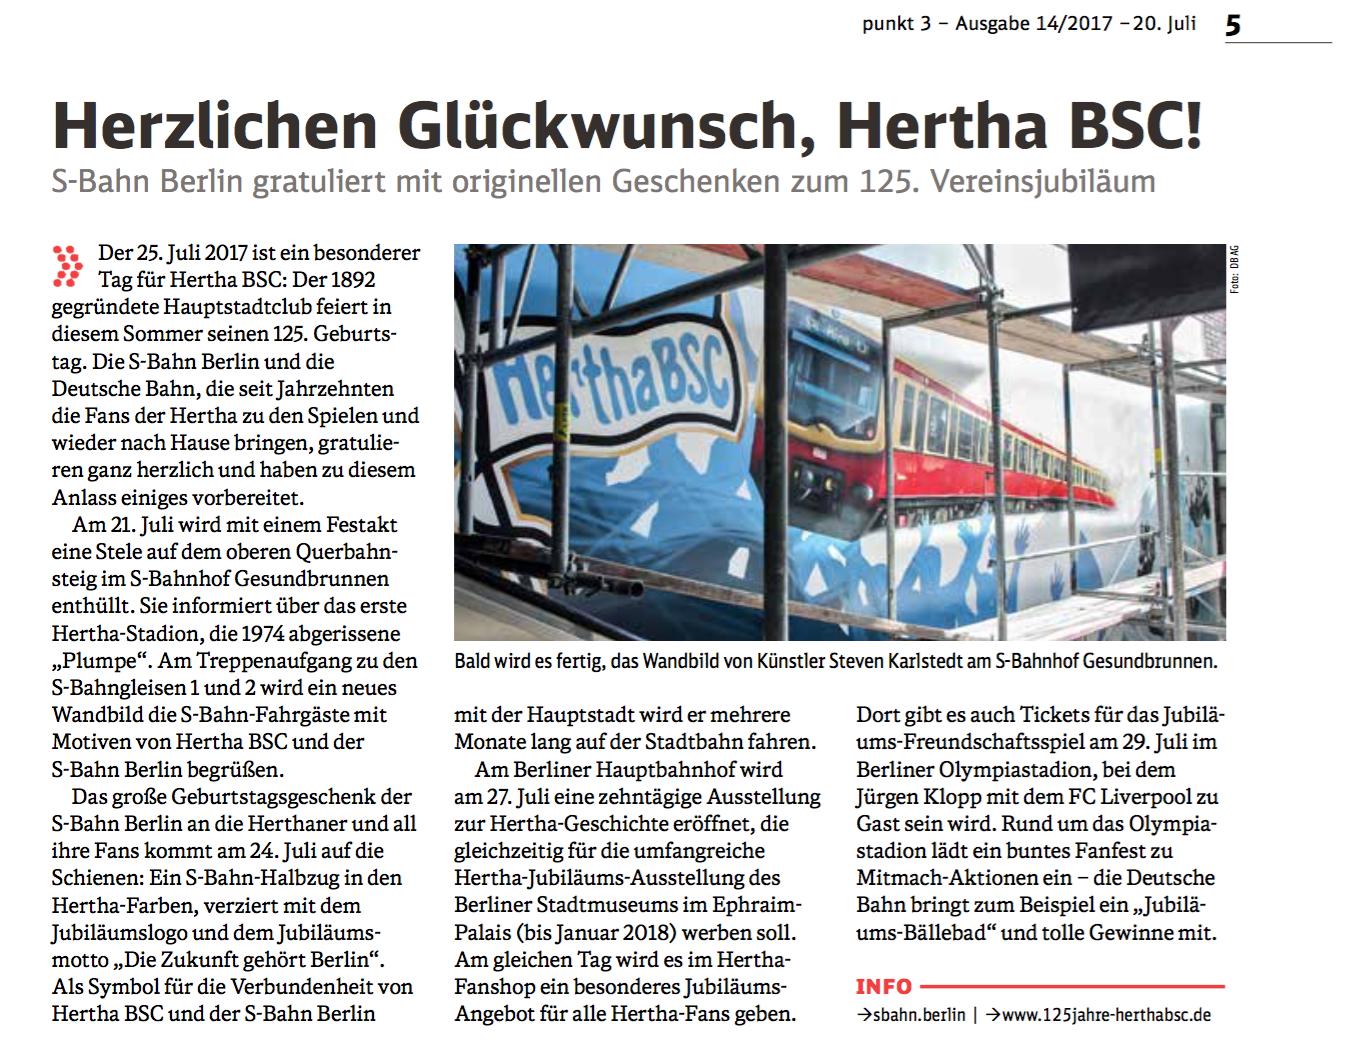 Steven Karlstedt hat für die Deutsche Bahn, im Rahmen des Jubiläums von Hertha BSC, den Bahnhof Gesundbrunnen verschönert.